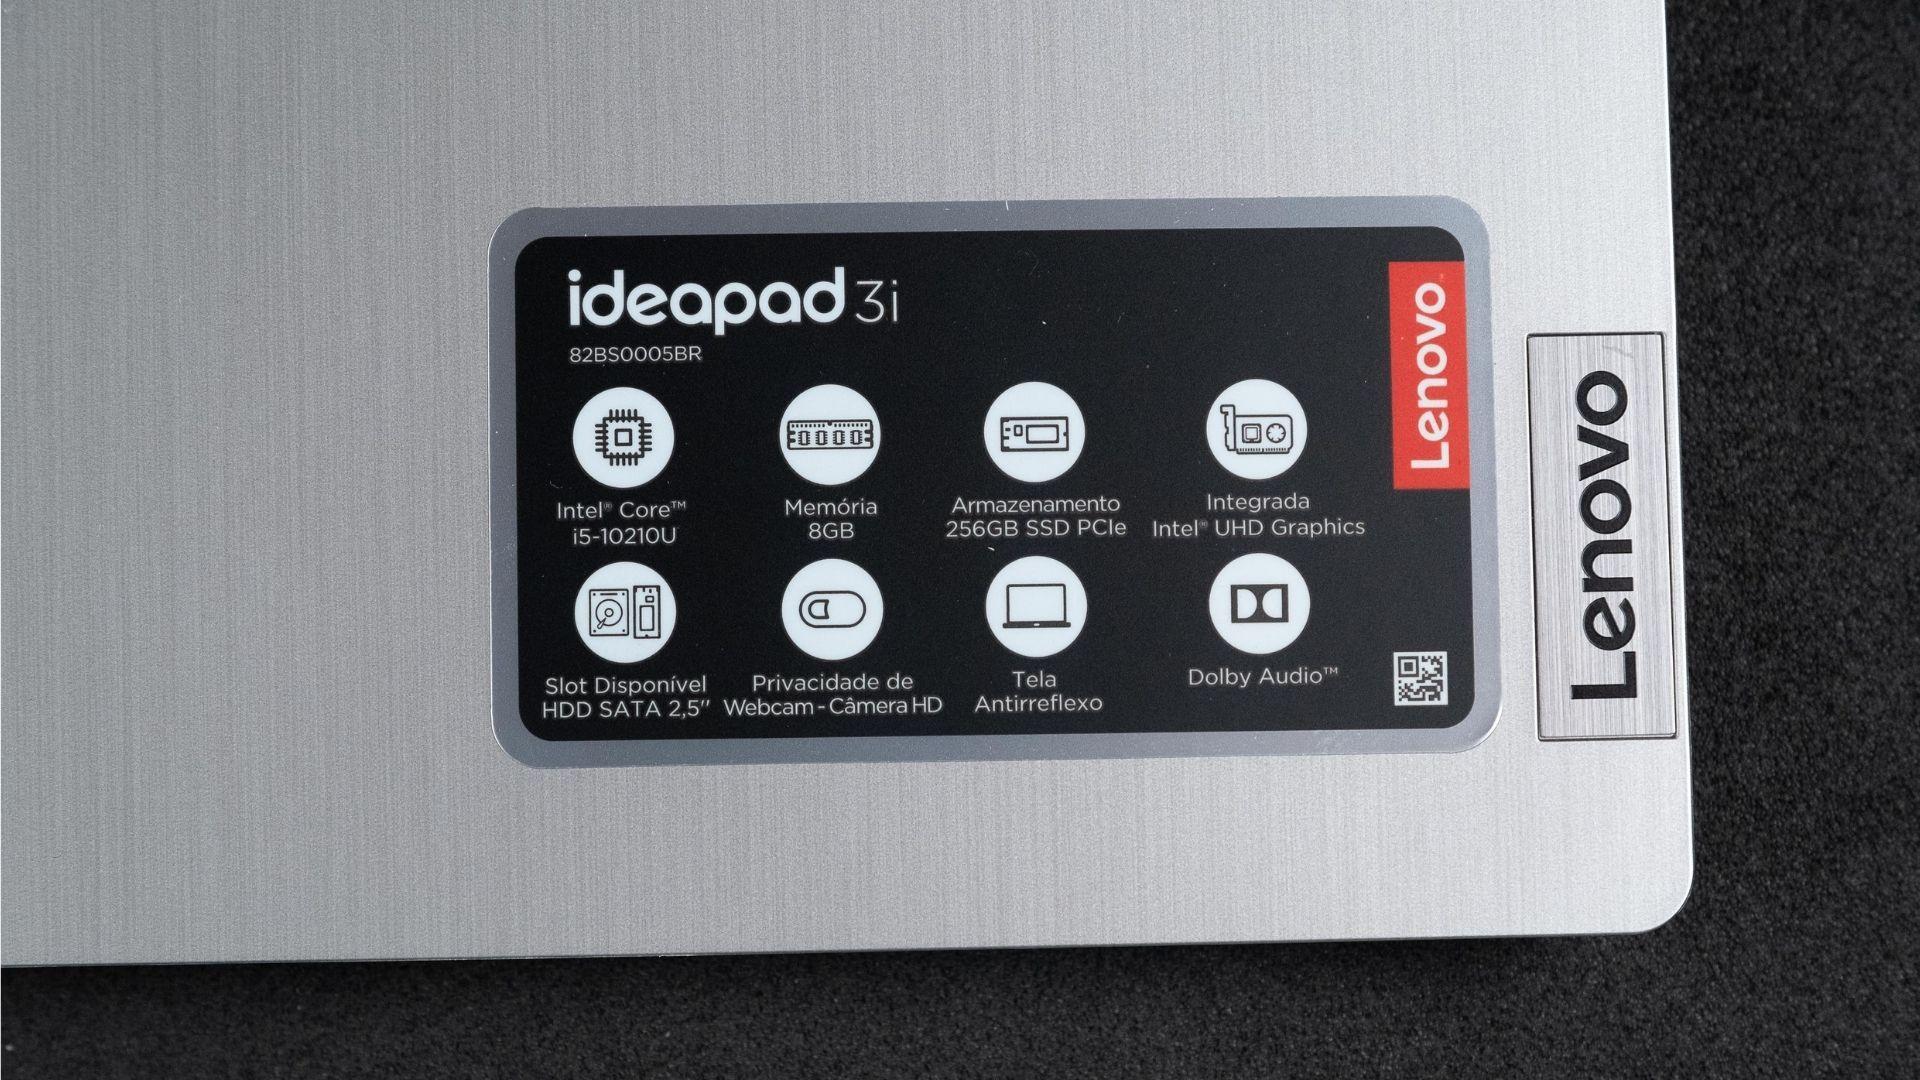 Adesivo do Lenovo IdeaPad 3i com as especificações técnicas